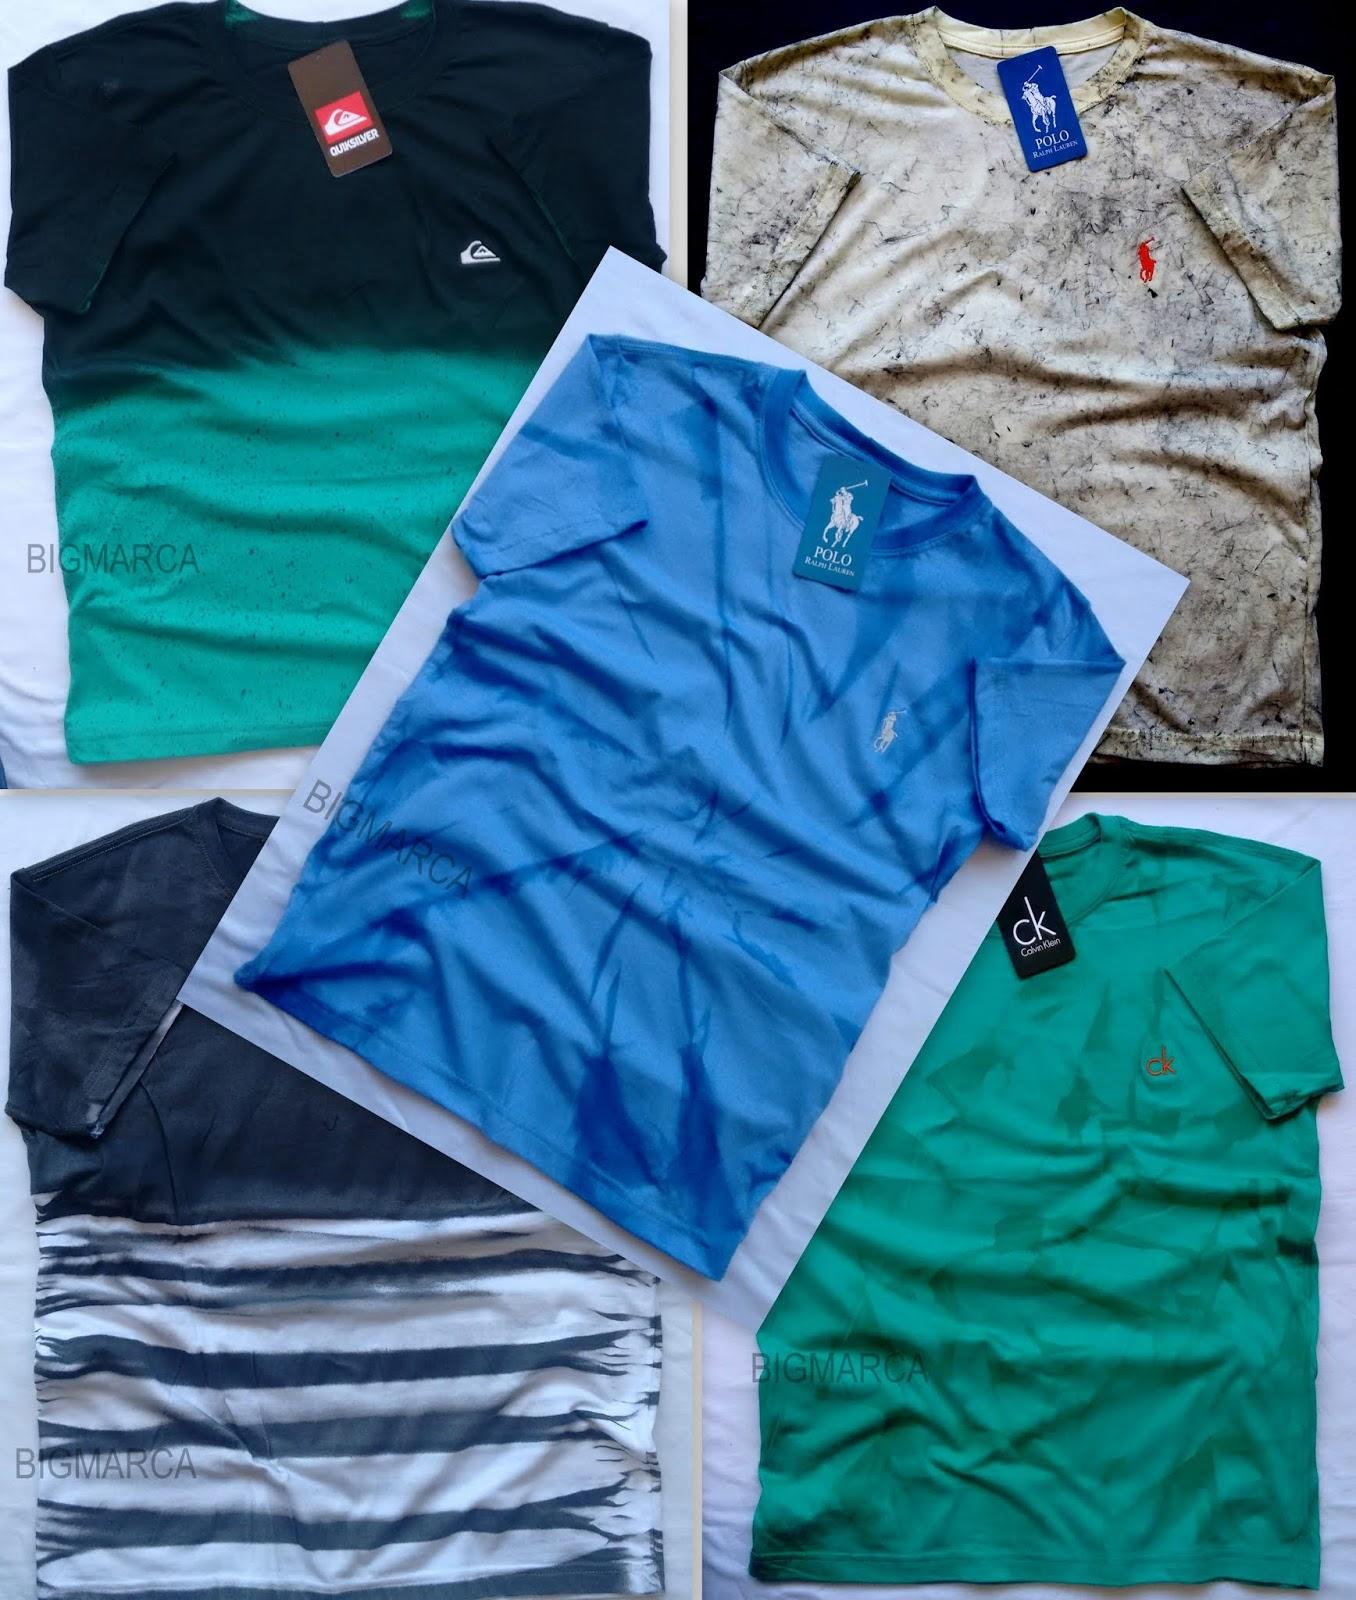 a236354c51c CAMISETA MARMORIZADA (lavada) c  bordado - grifes famosas - Preços à partir  de R  13